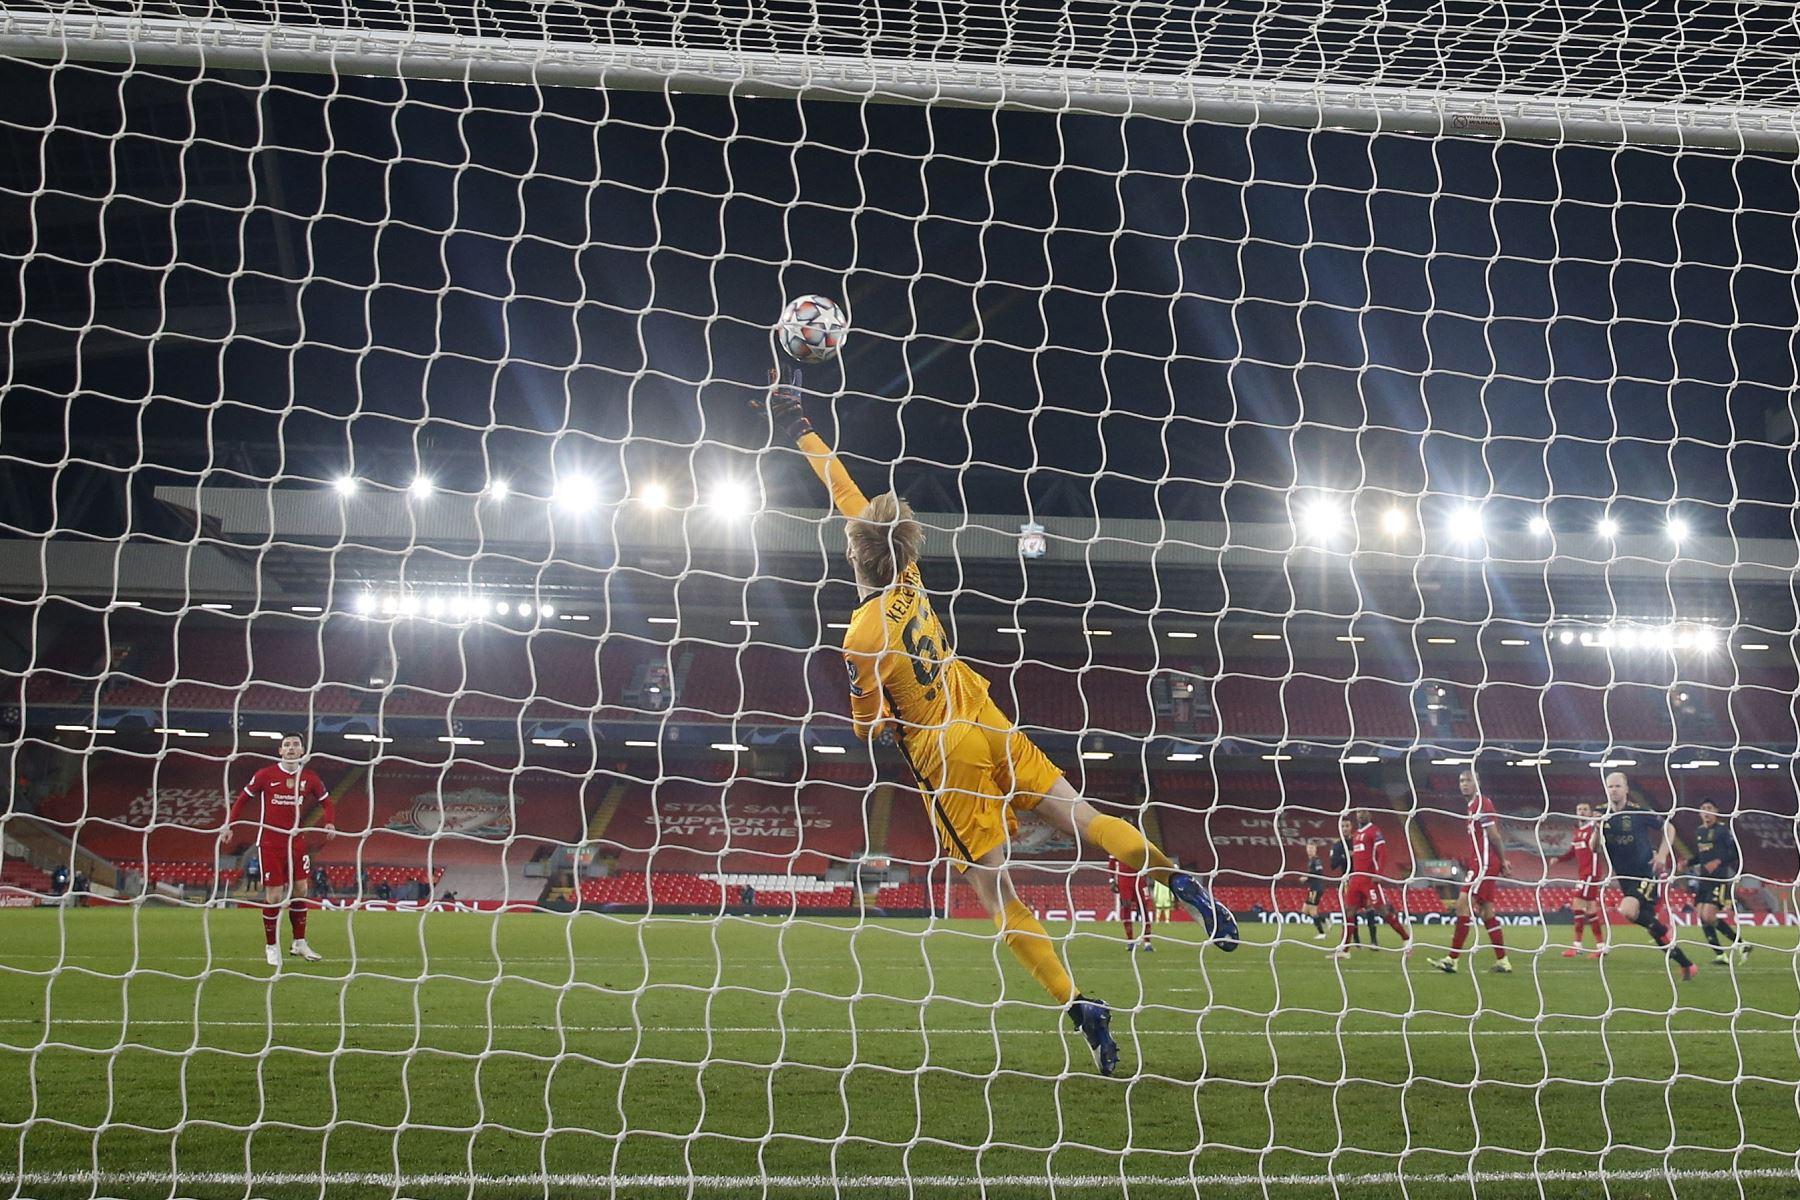 El portero del Liverpool Caoimhin Kelleher ataja el balón durante el partido de fútbol del grupo D de la Liga de Campeones de la UEFA. Foto: EFE